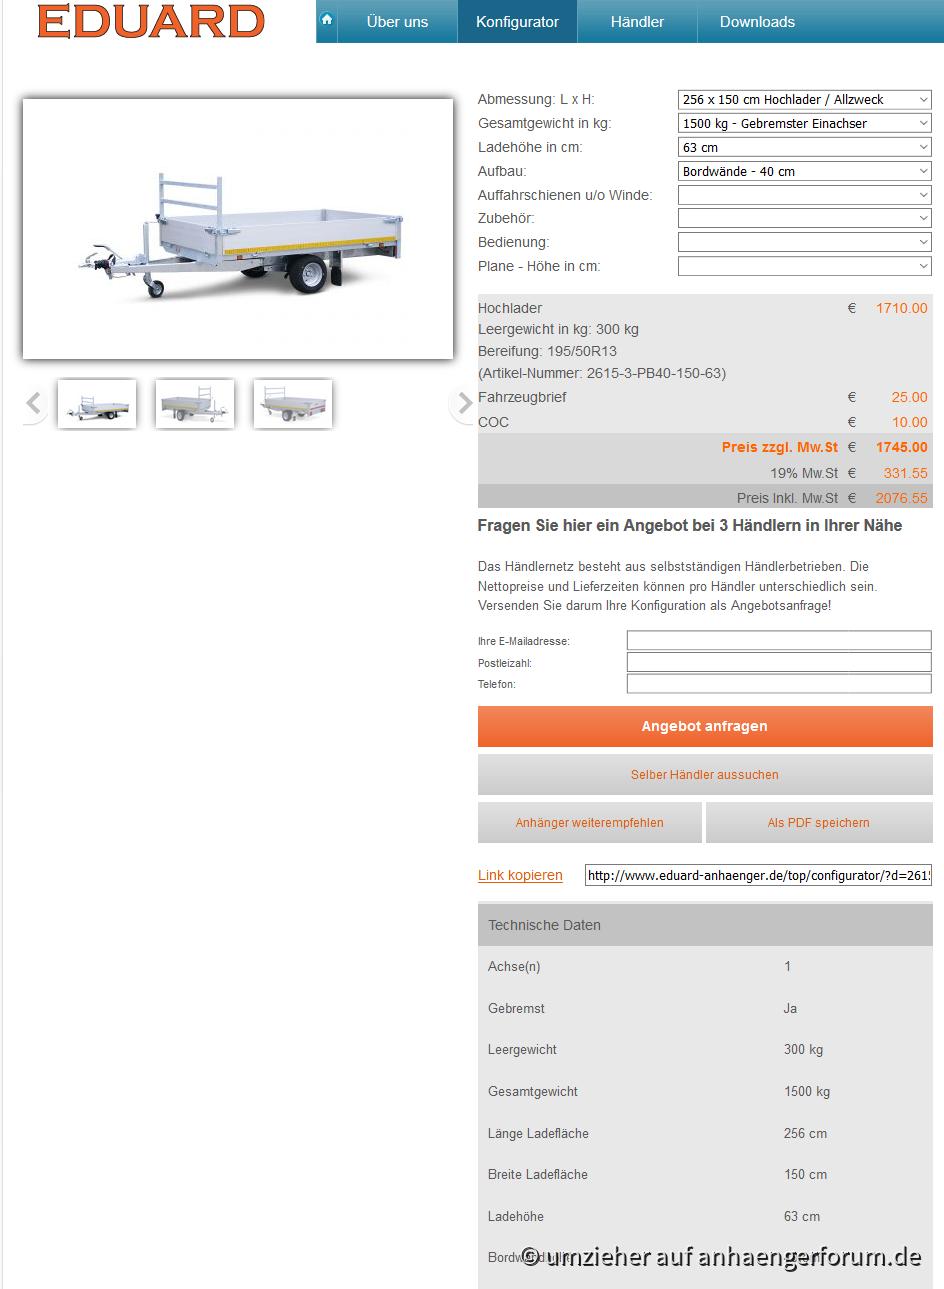 Eduard Screeshot Homepage